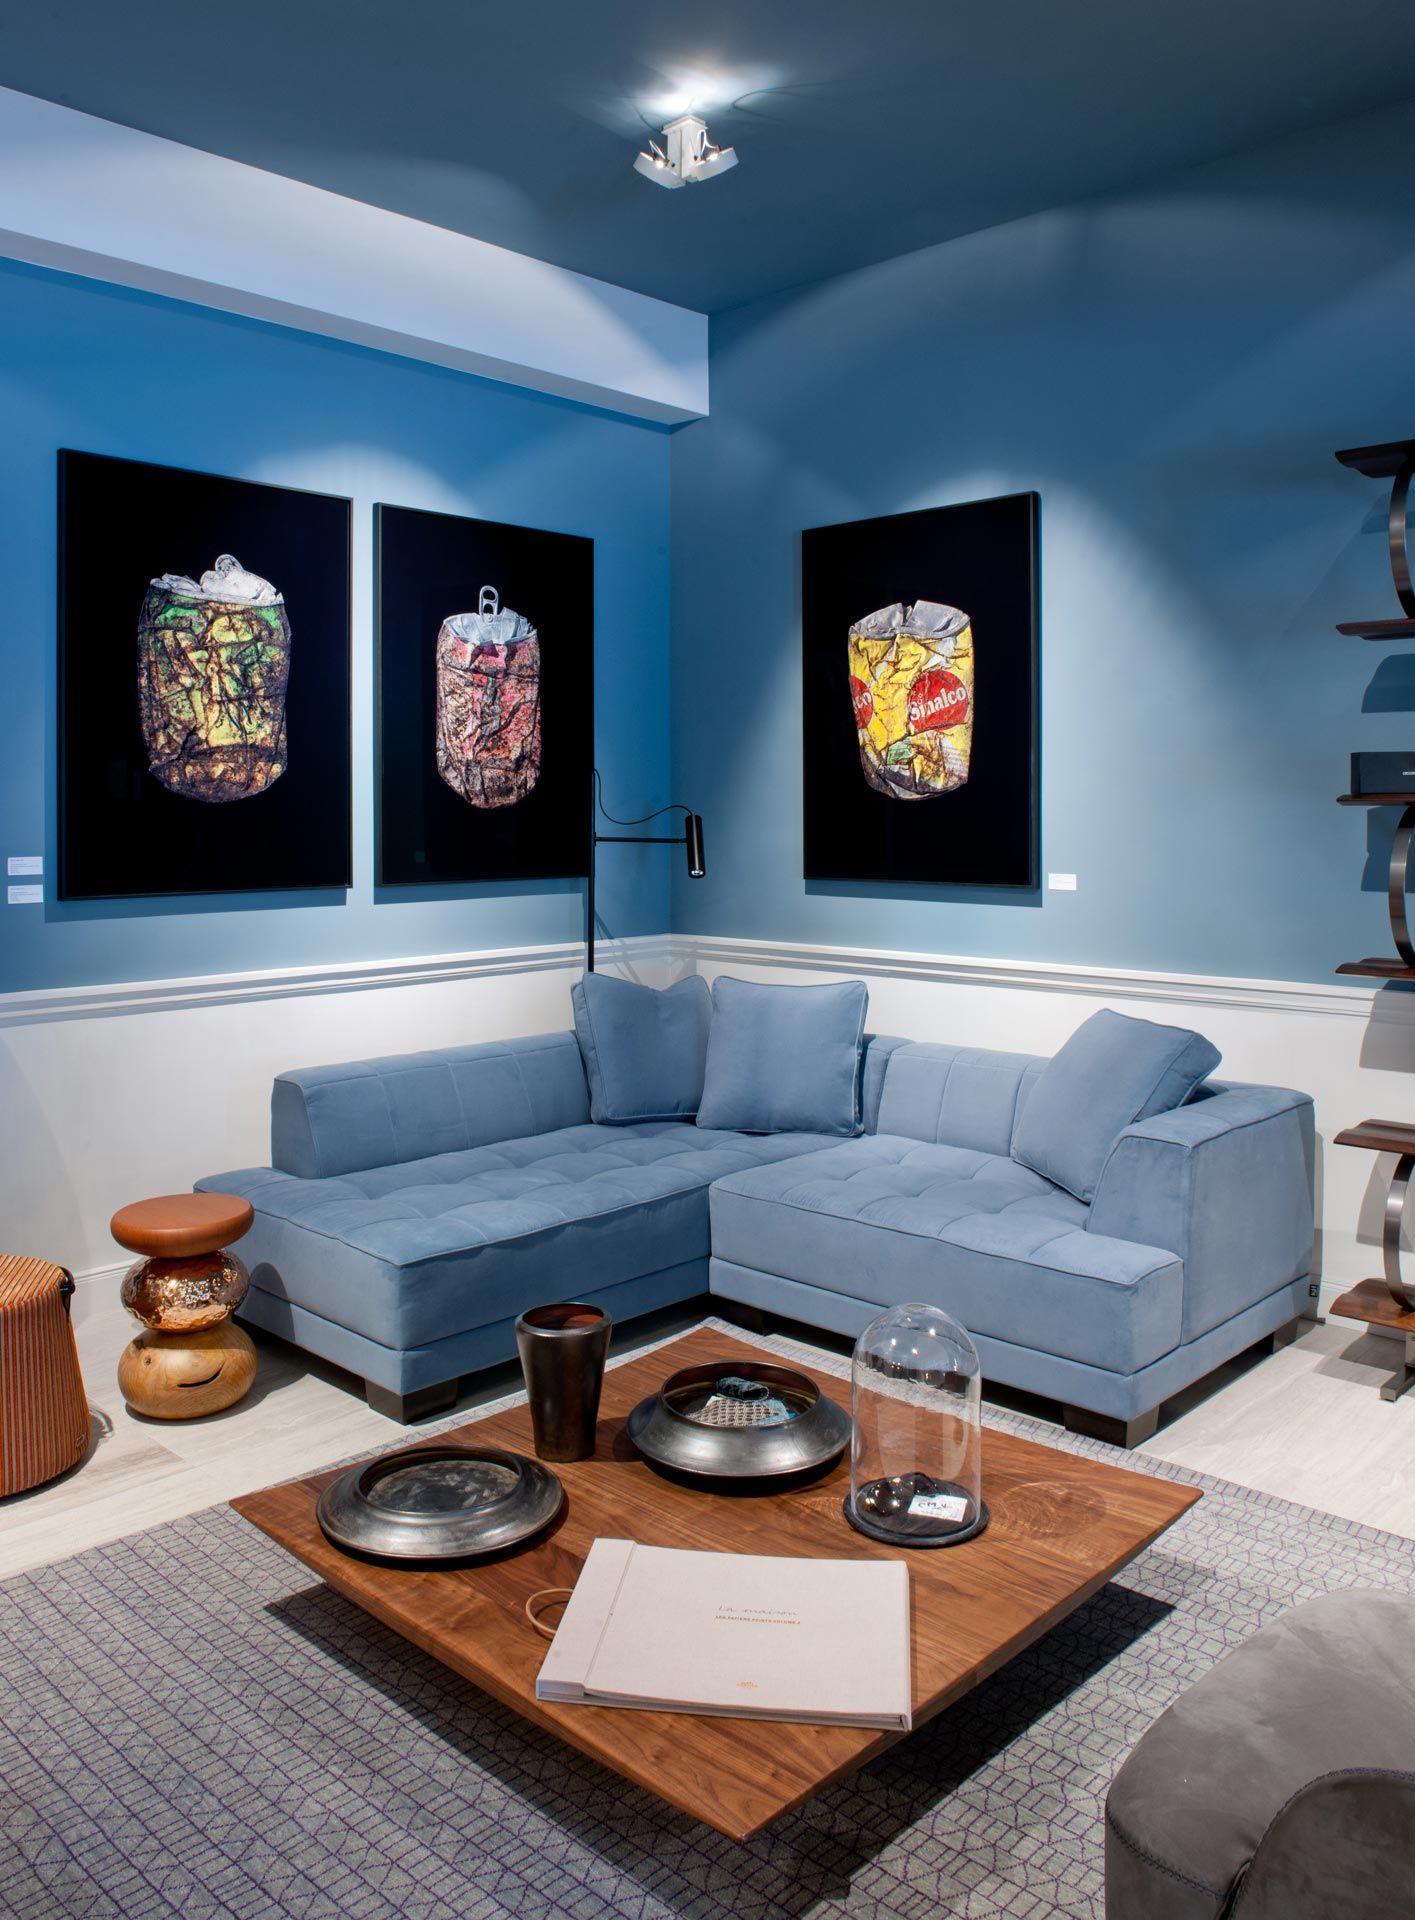 Fesselnd Ku0026H Interior Showroom | Wunderschöne Wohnzimmer Ideen Und Inspirationen  Wohnideen | Einrichtungsideen | Schöner Wohnen | Wohnzimmer Ideen | Design  ...